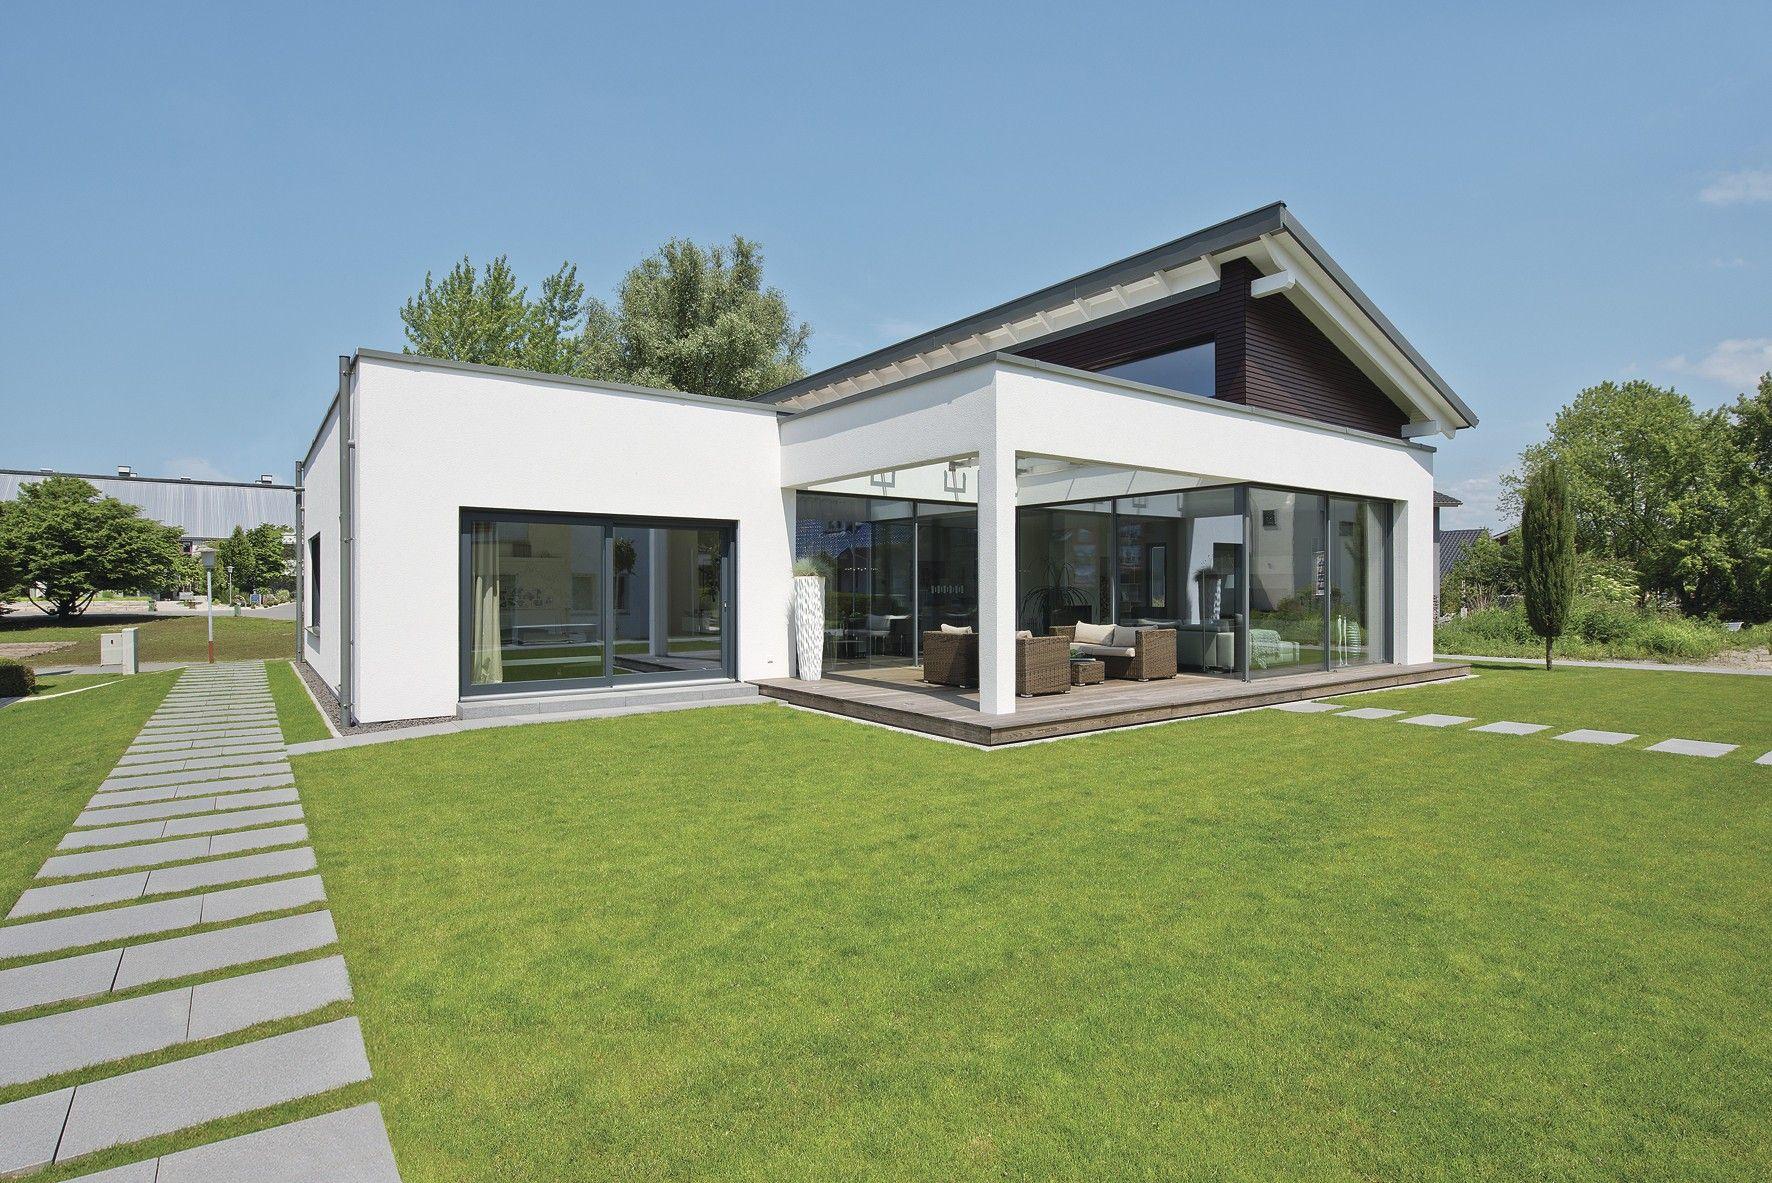 Weberhaus fertigbauweise fertighaus holzbauweise wohnen bauen